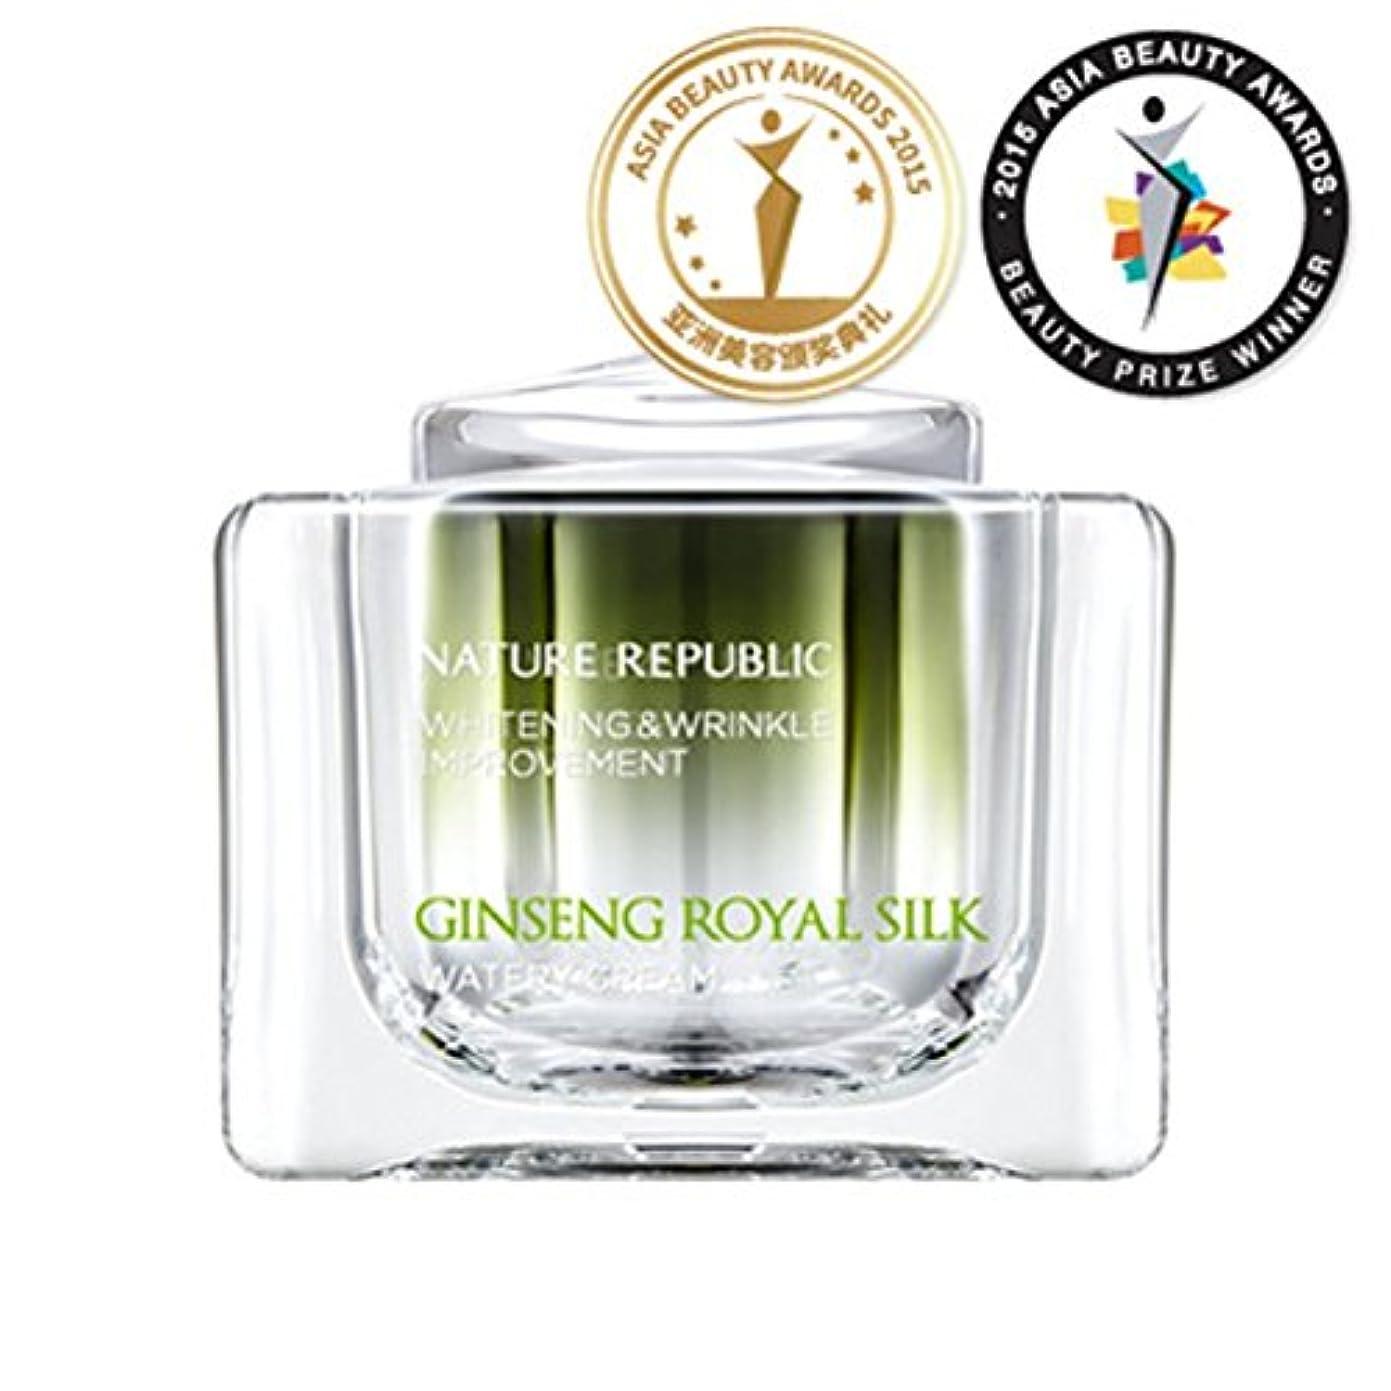 知事ペアプレゼントネイチャーリパブリック [韓国コスメ NATURE REPUBLIC] ジンセン ロイヤル シルク ウォータリー クリーム [海外直送品]Nature Republic, Ginseng Royal silk Watery...